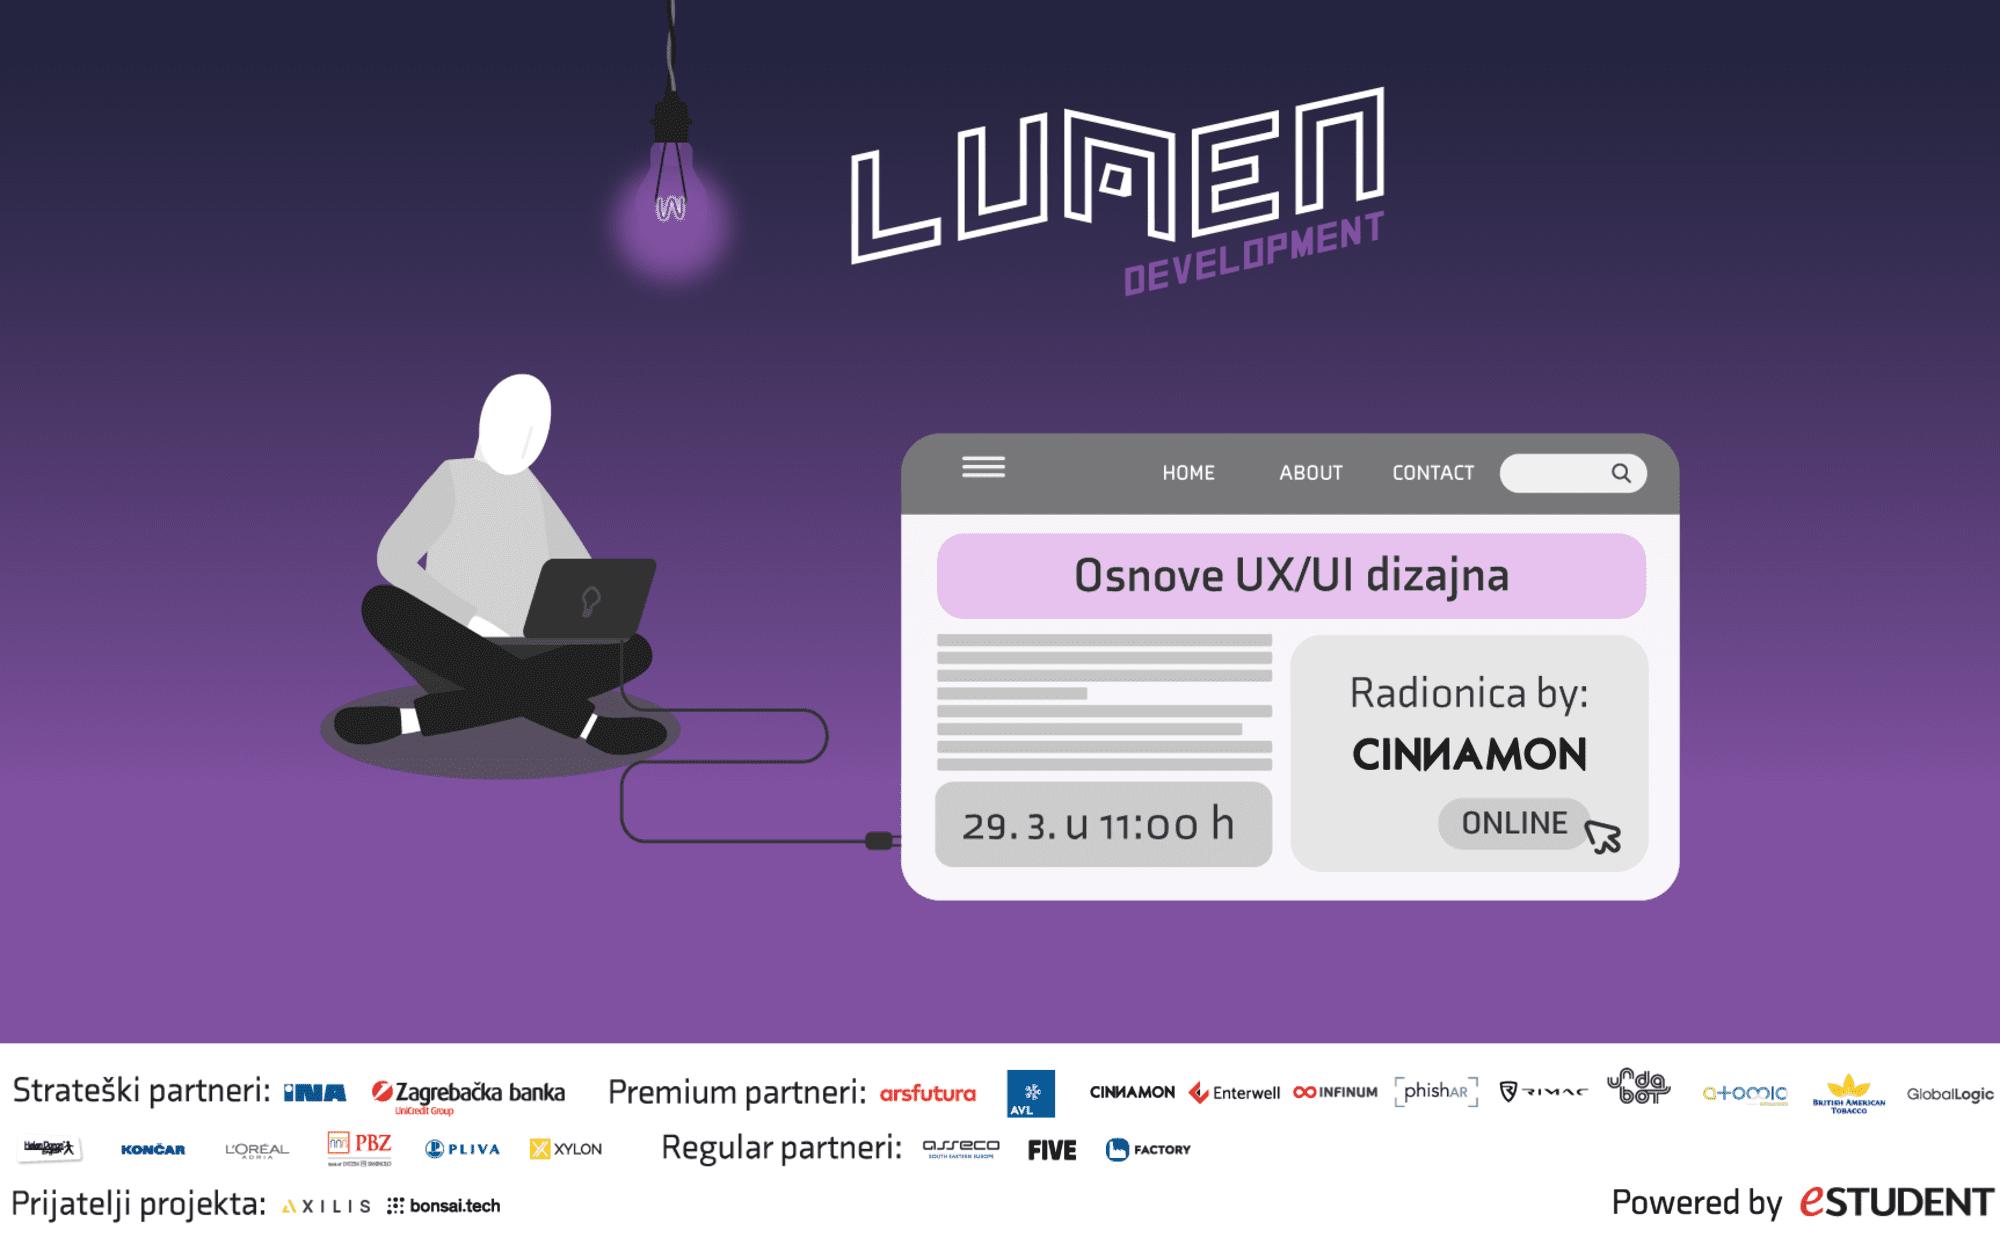 LUMEN Development održao 2. radionicu: Osnove UX/UI dizajna